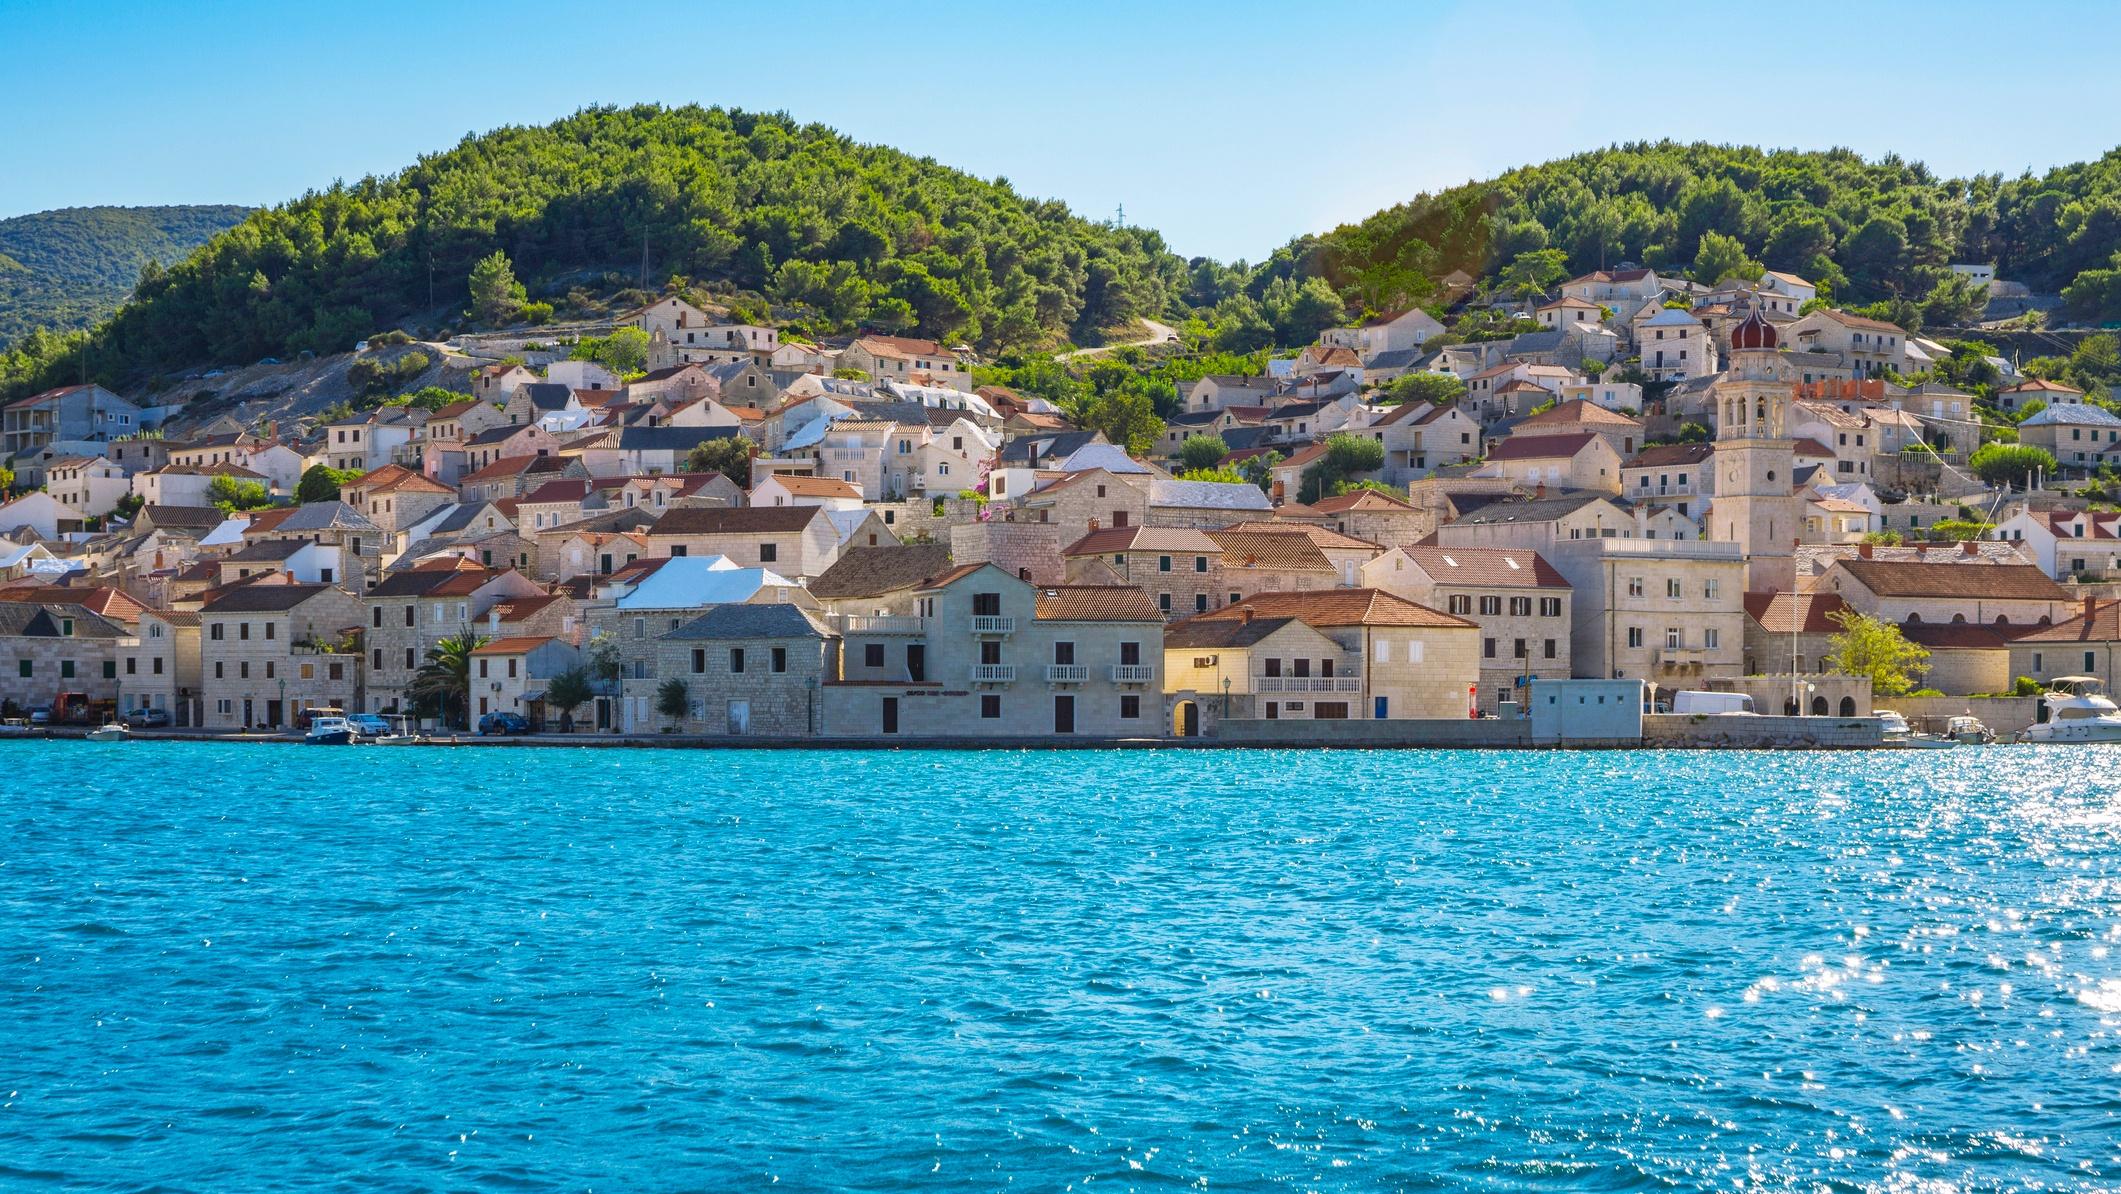 A horvátországi Brač-sziget